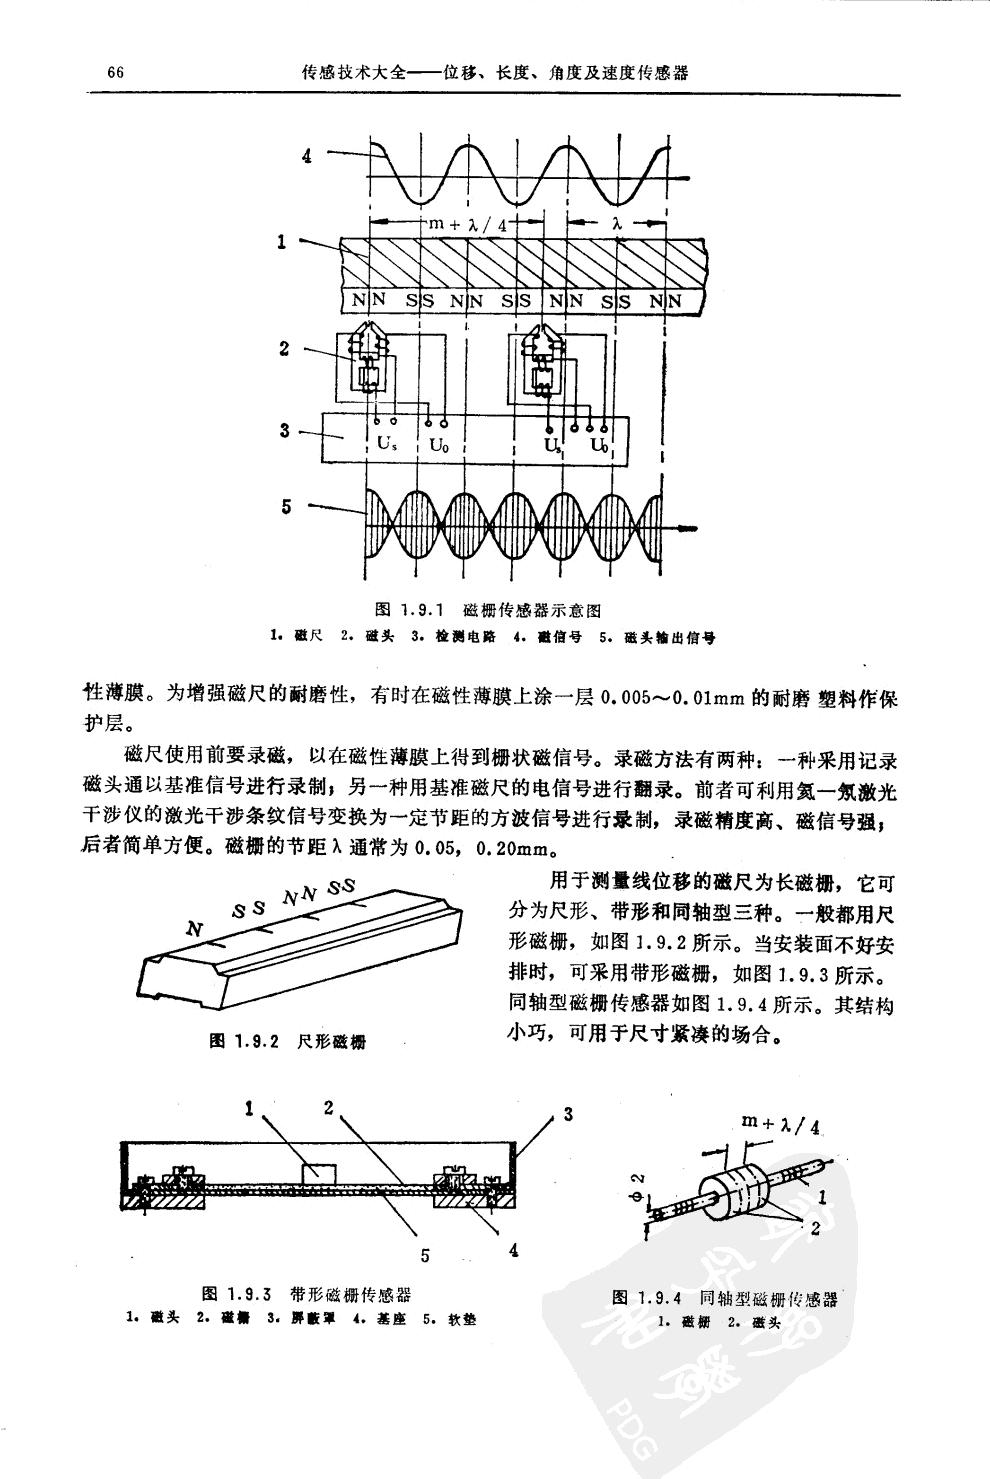 由磁尺(又称长磁栅),磁头和相应的检测电路组成